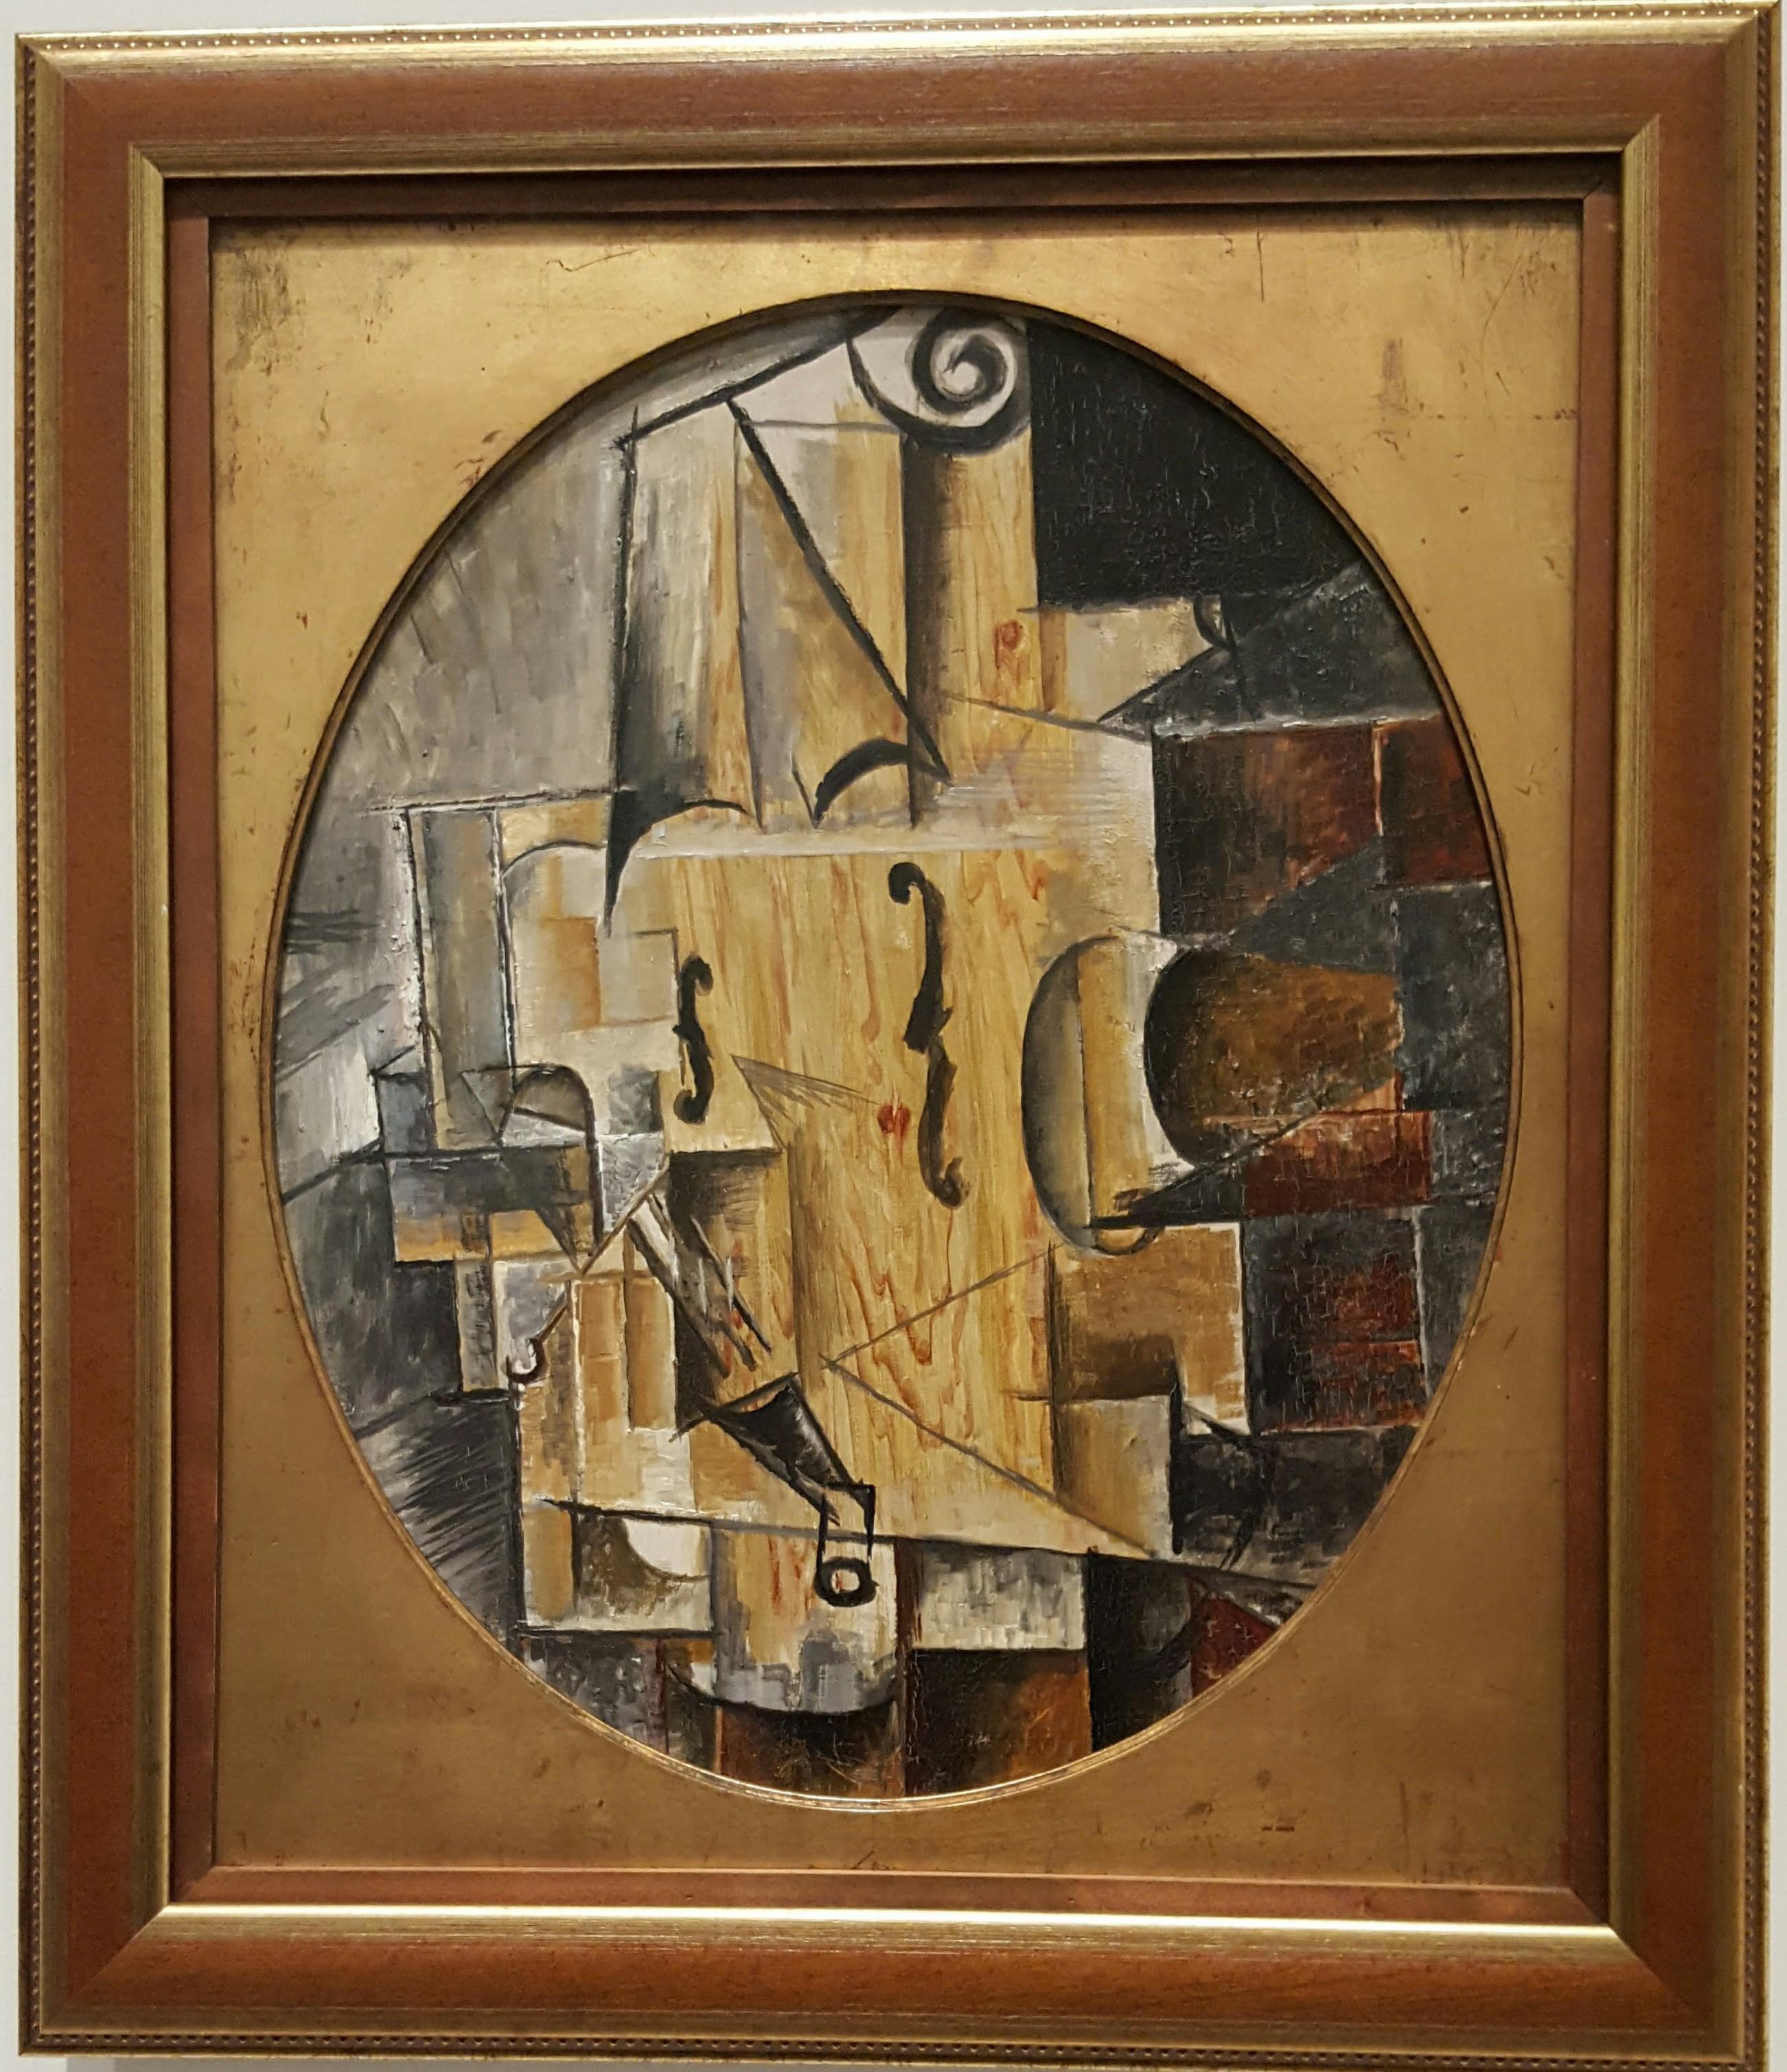 Picasso, Violin, 1912